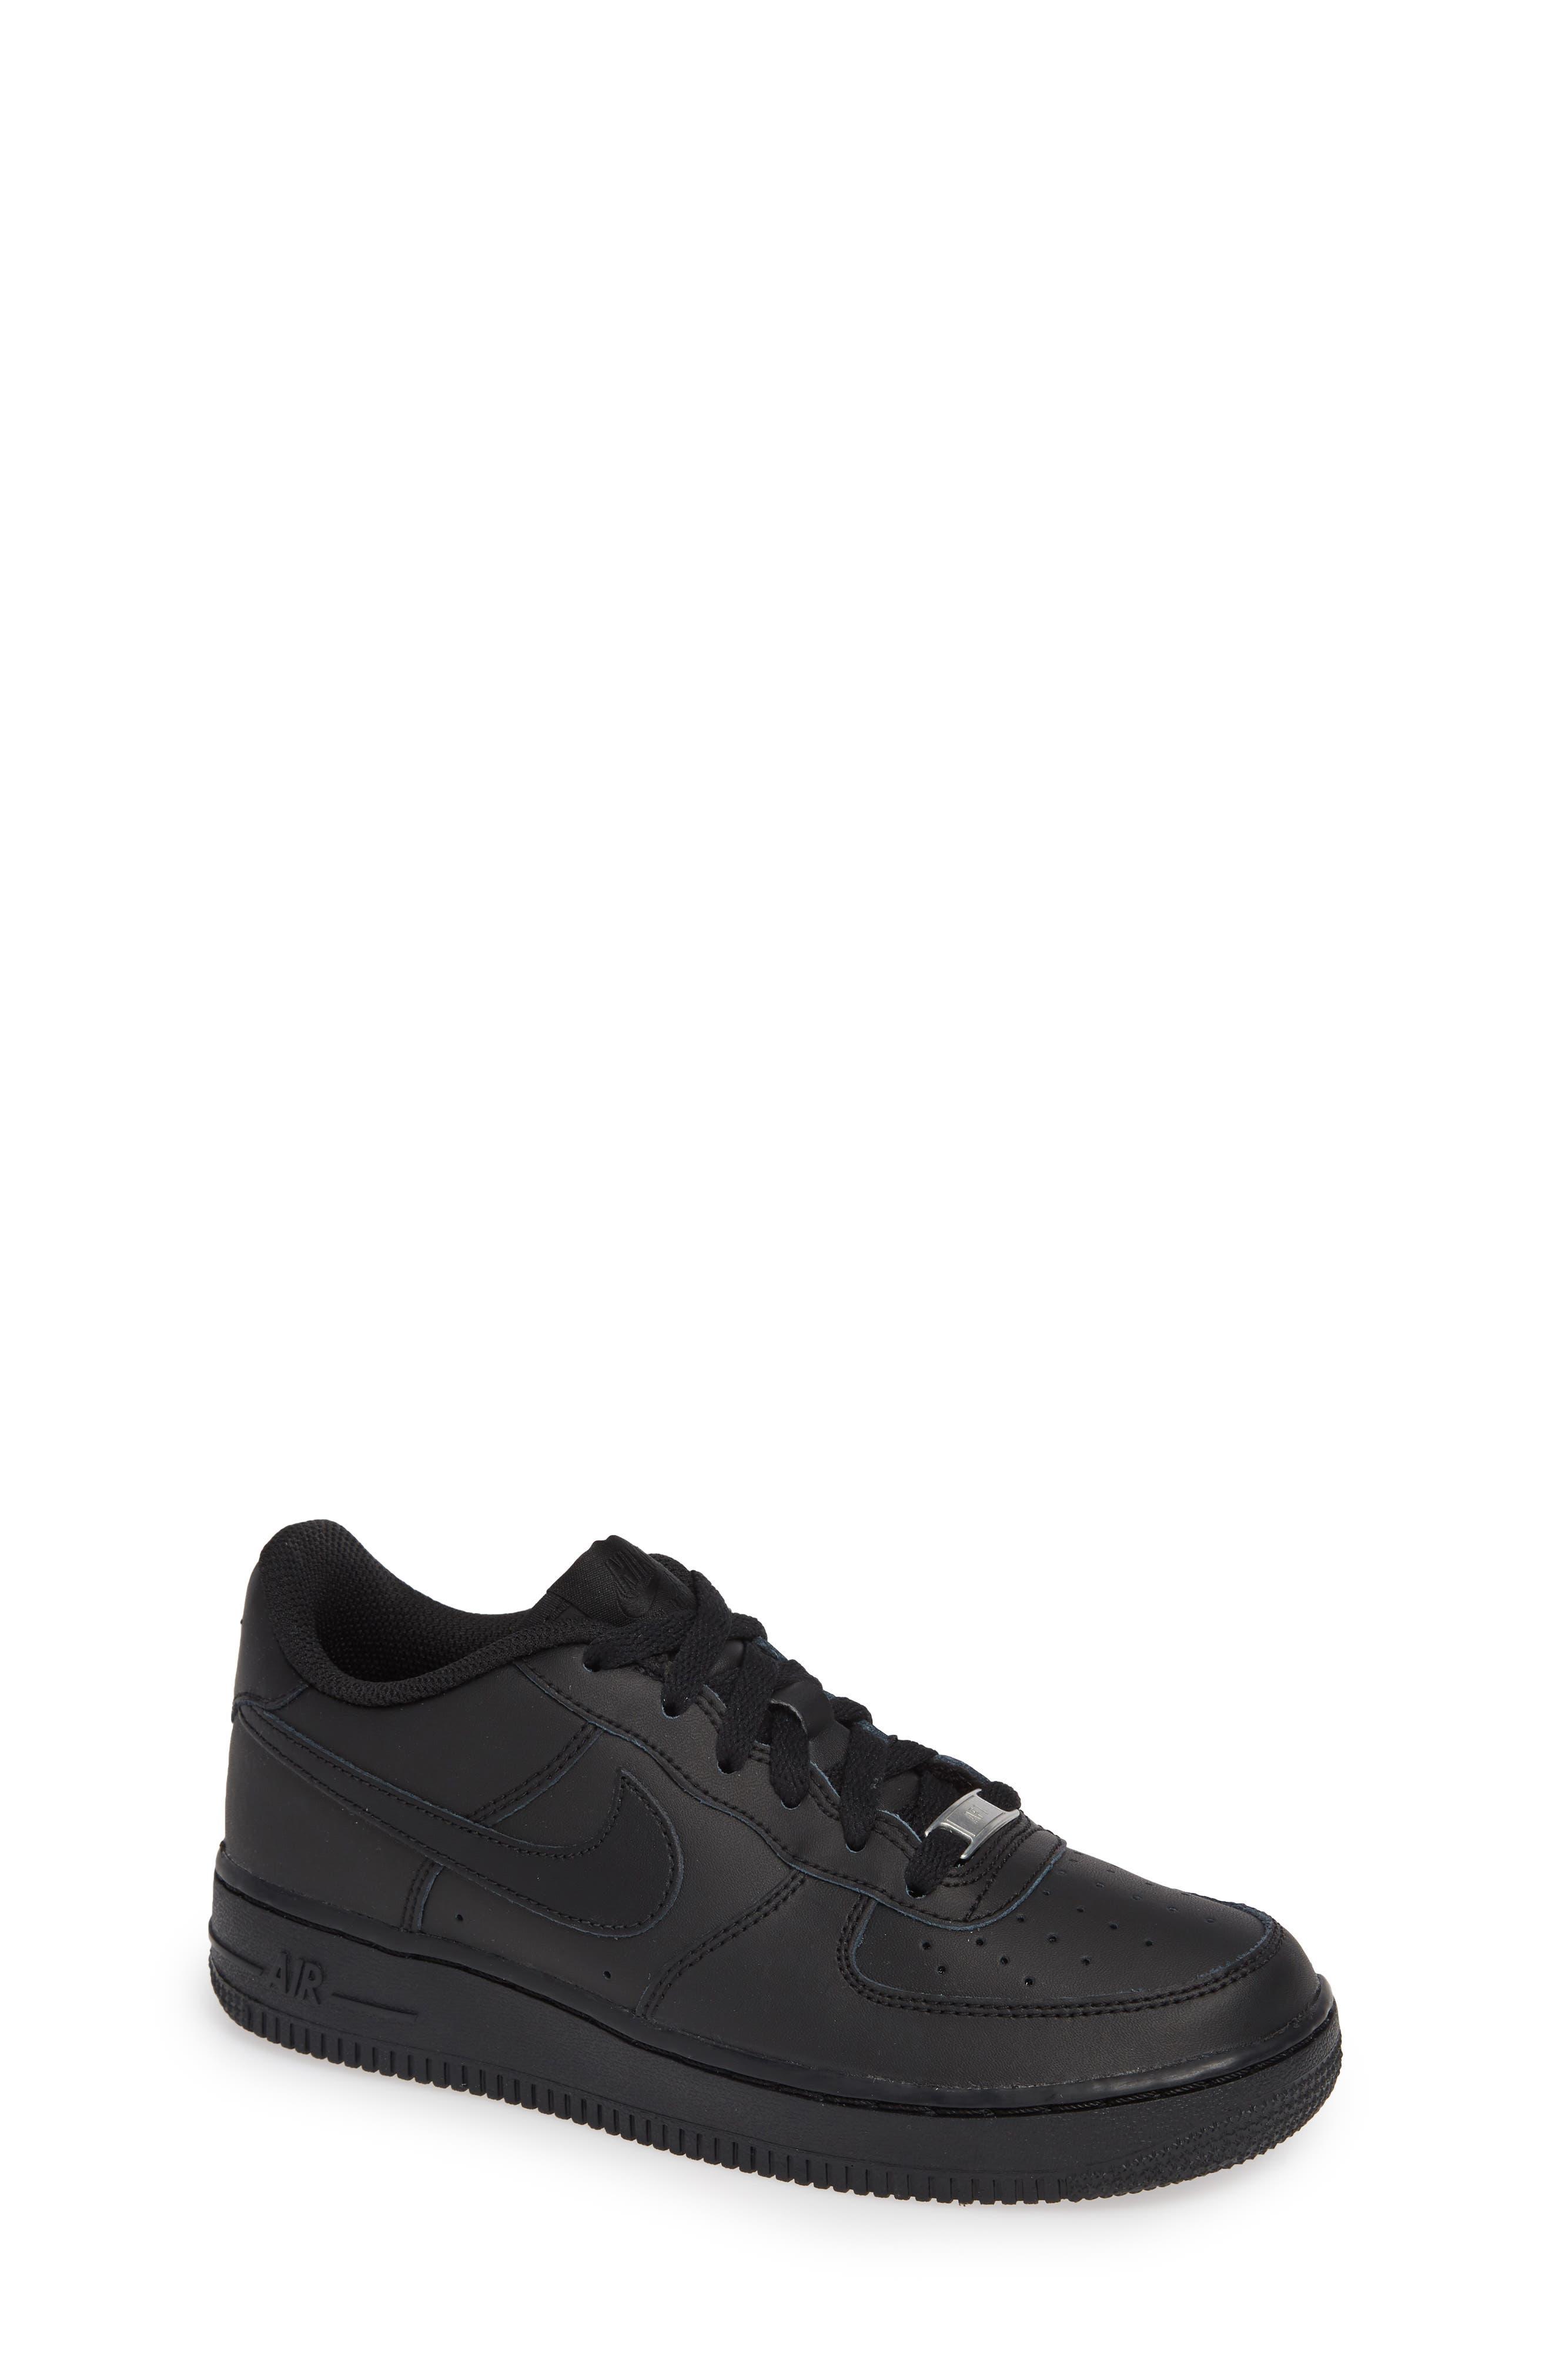 Air Force 1 Sneaker, Main, color, BLACK/ BLACK/ BLACK